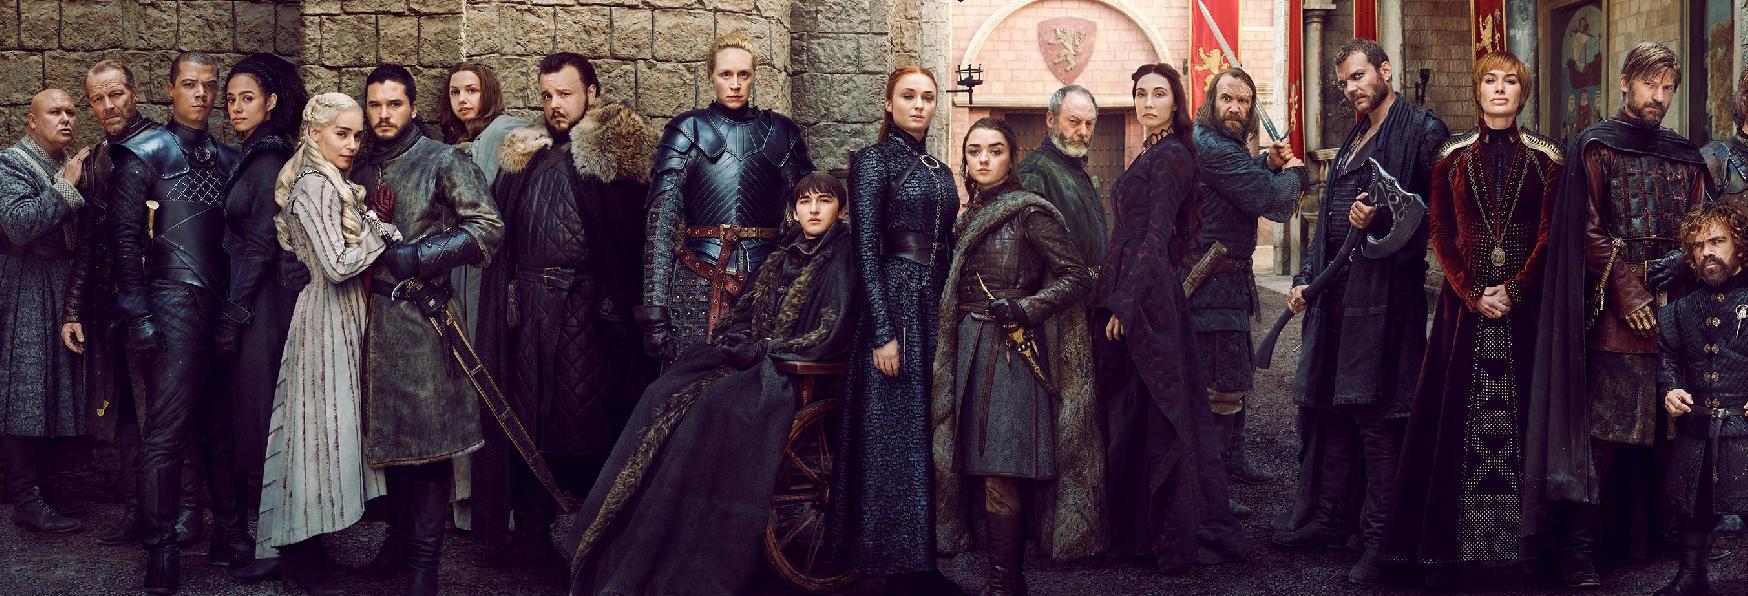 I Progetti a cui si stanno dedicando o si dedicheranno gli Attori di Game of Thrones